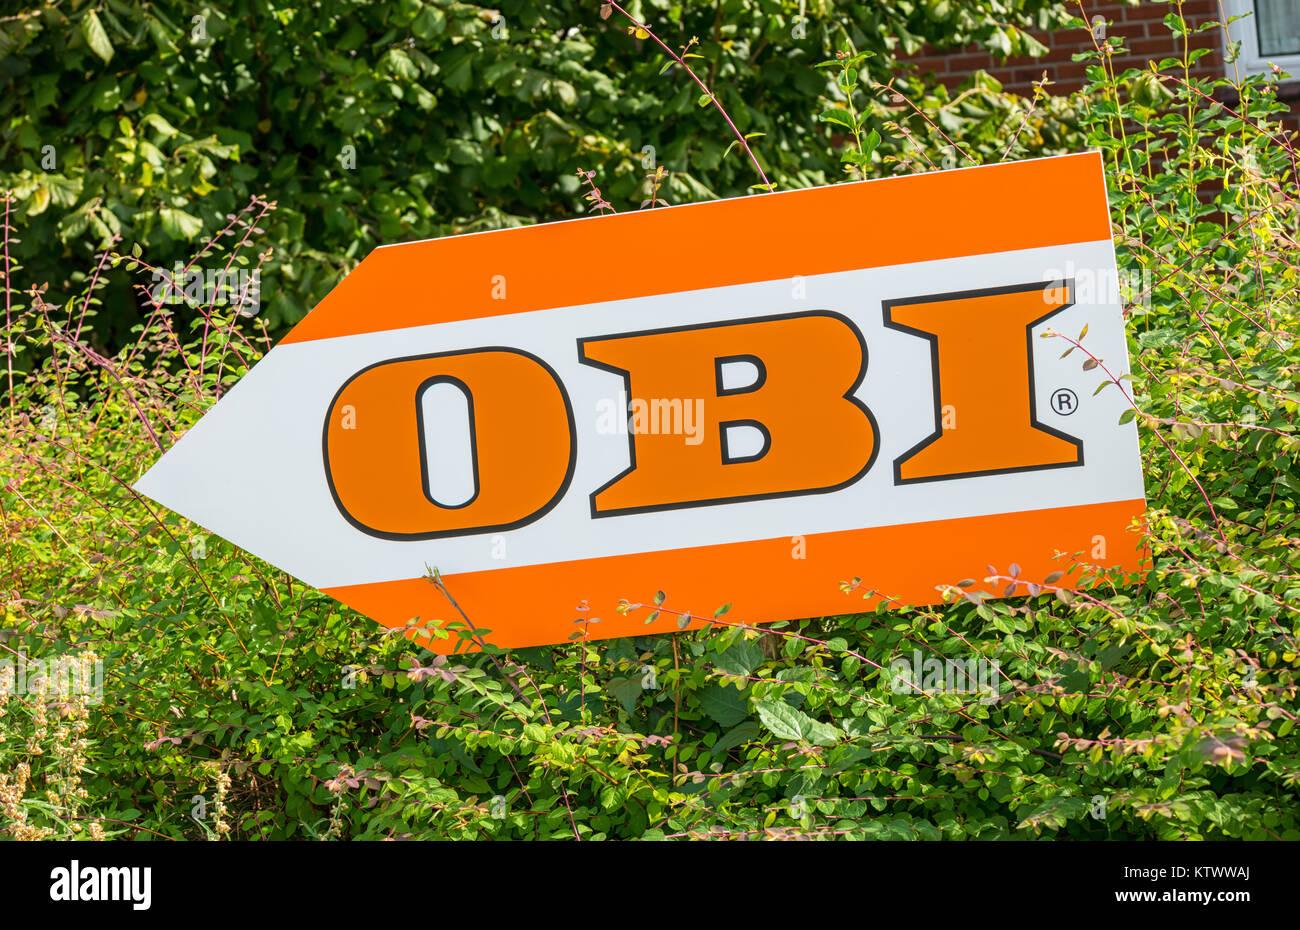 Seal del mercado obi en un escudo obi es el mayor hardware y do it obi es el mayor hardware y do it yourself minorista en alemania solutioingenieria Choice Image